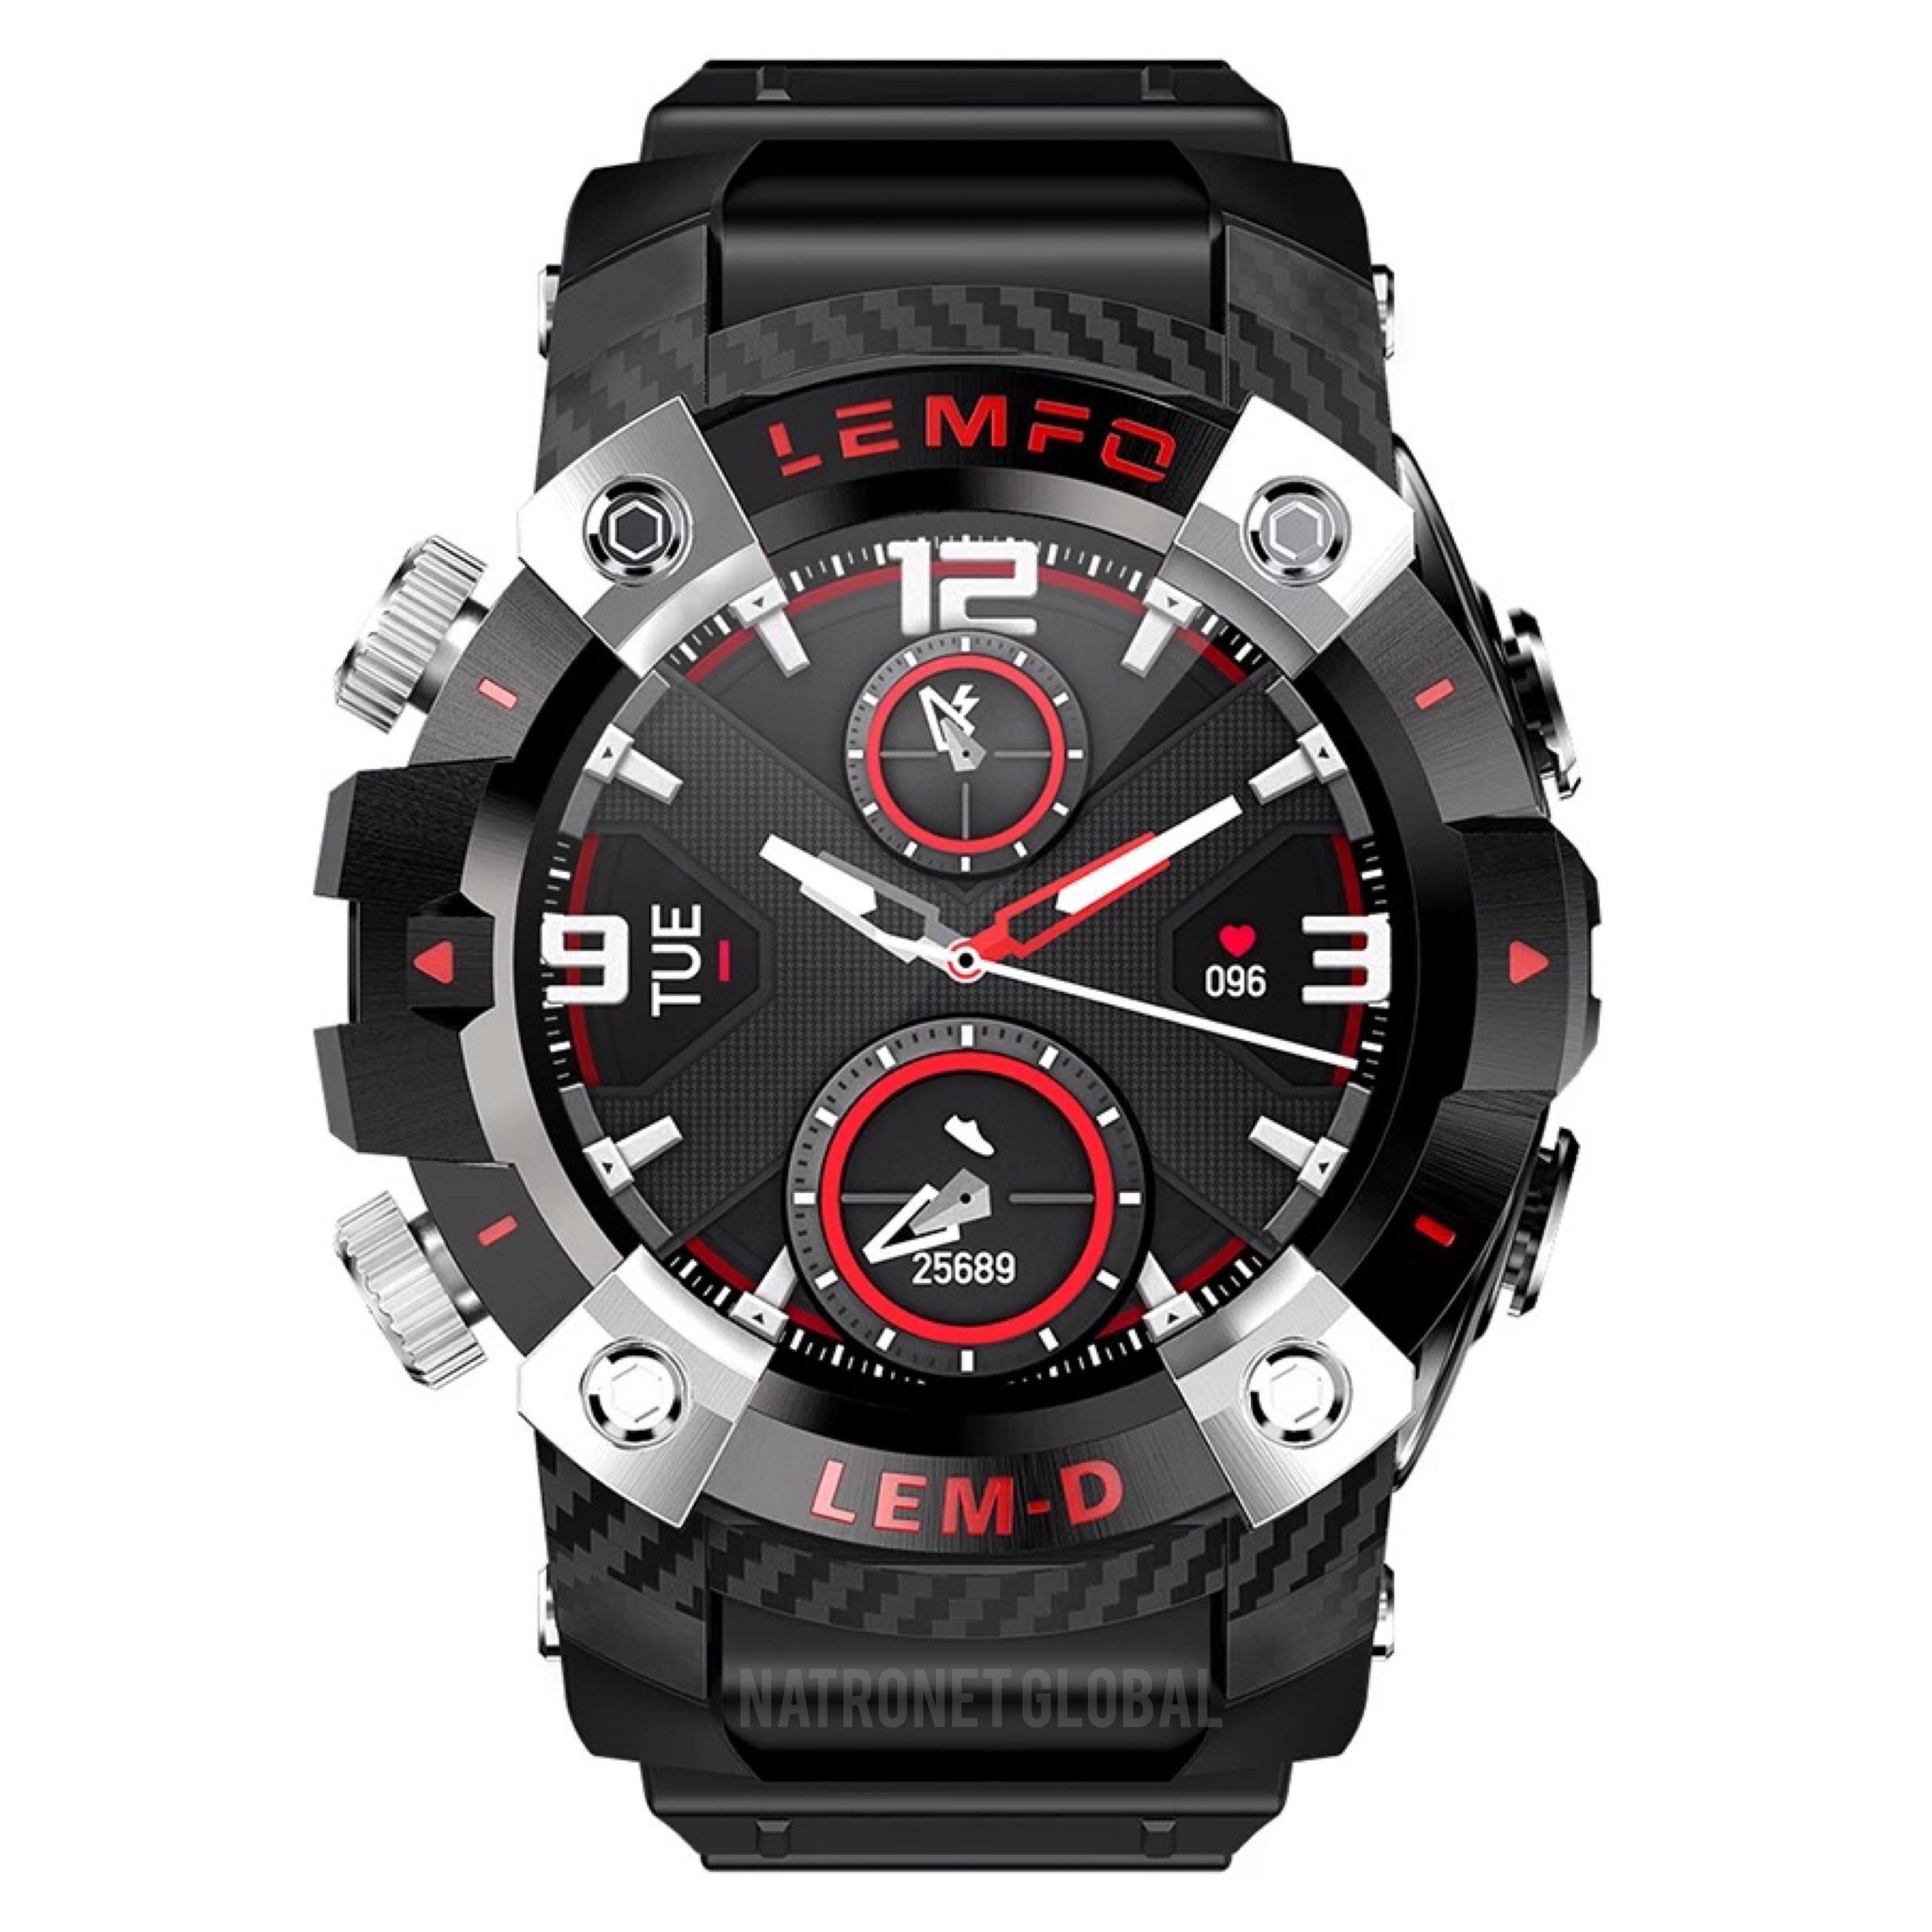 LEMFO LEMD: Yeni LEMFO LEMD Kablosuz Bluetooth 5.0 kulaklıklı Akıllı Saat